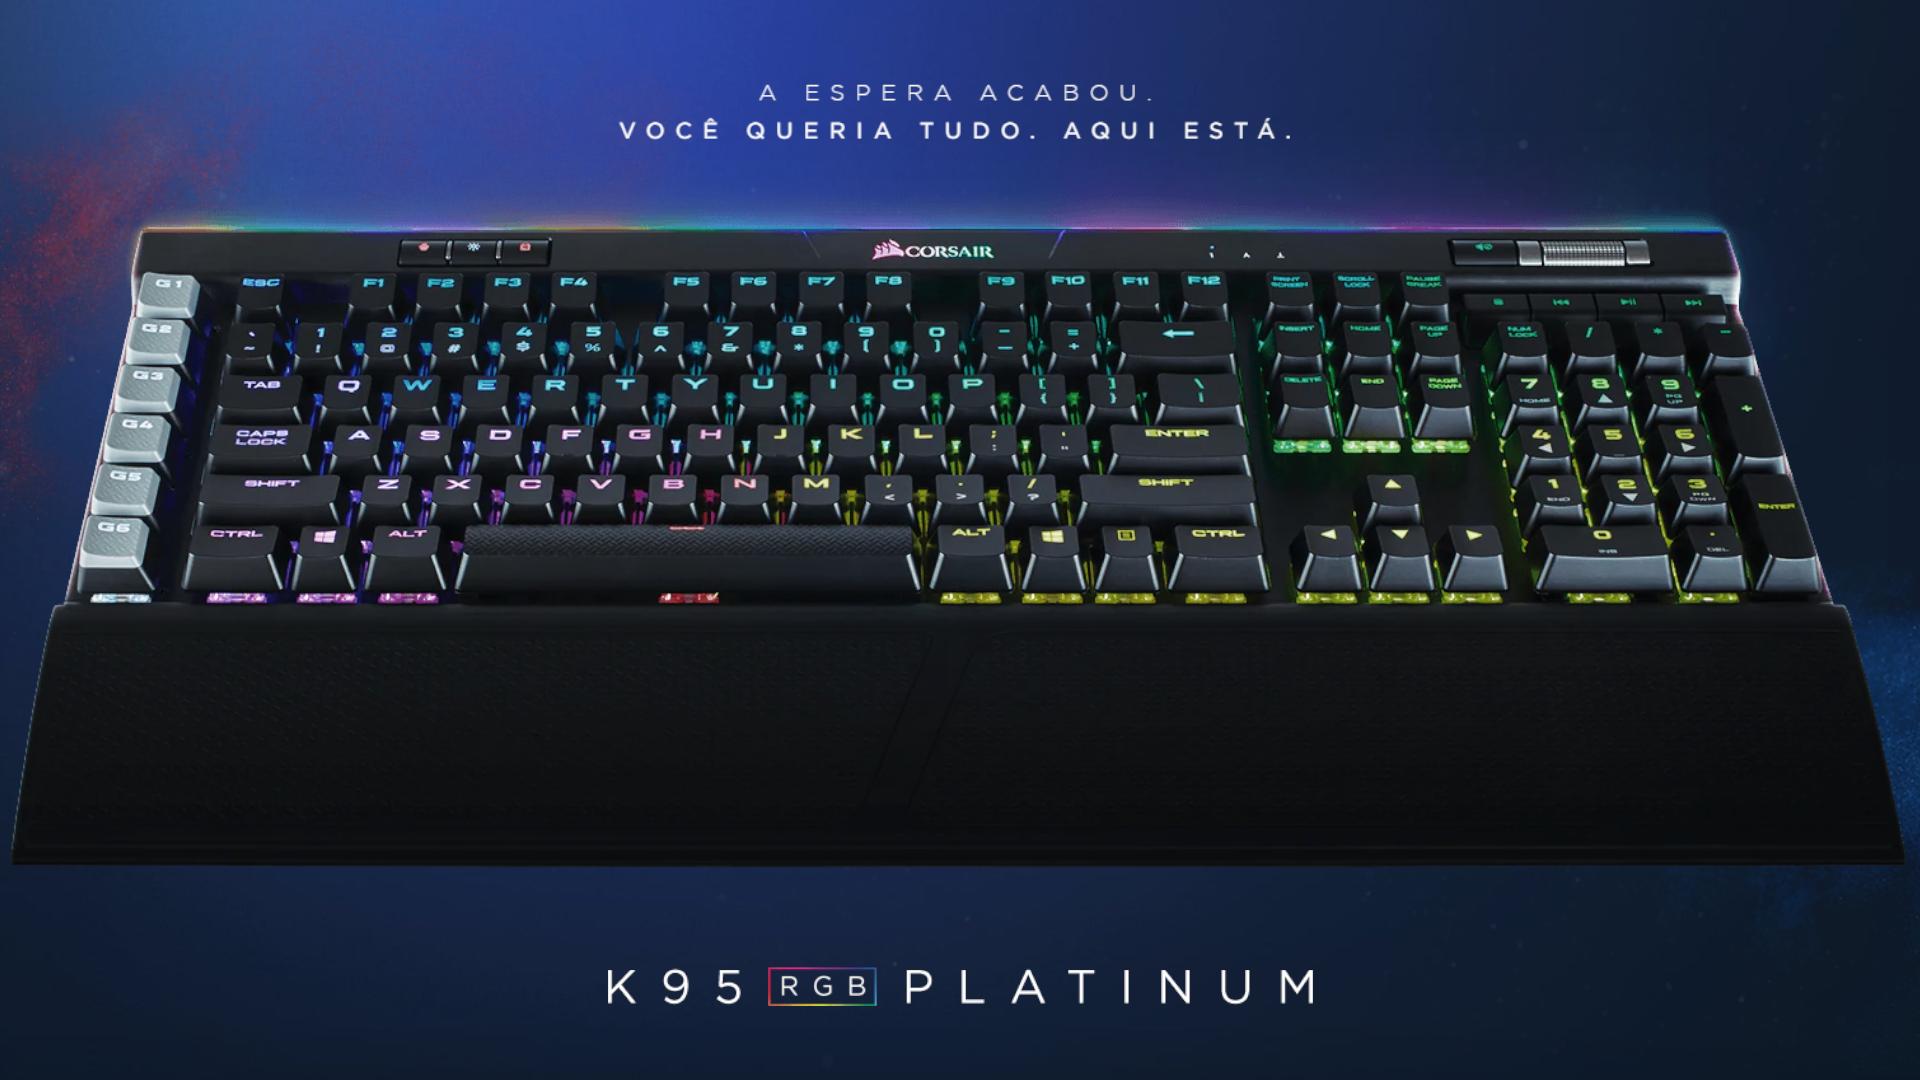 O Corsair RGB Platinum K95 USB é um teclado gamer mecânico completo com tudo que se espera de um teclado gamer (Foto: Divulgação/Corsair)